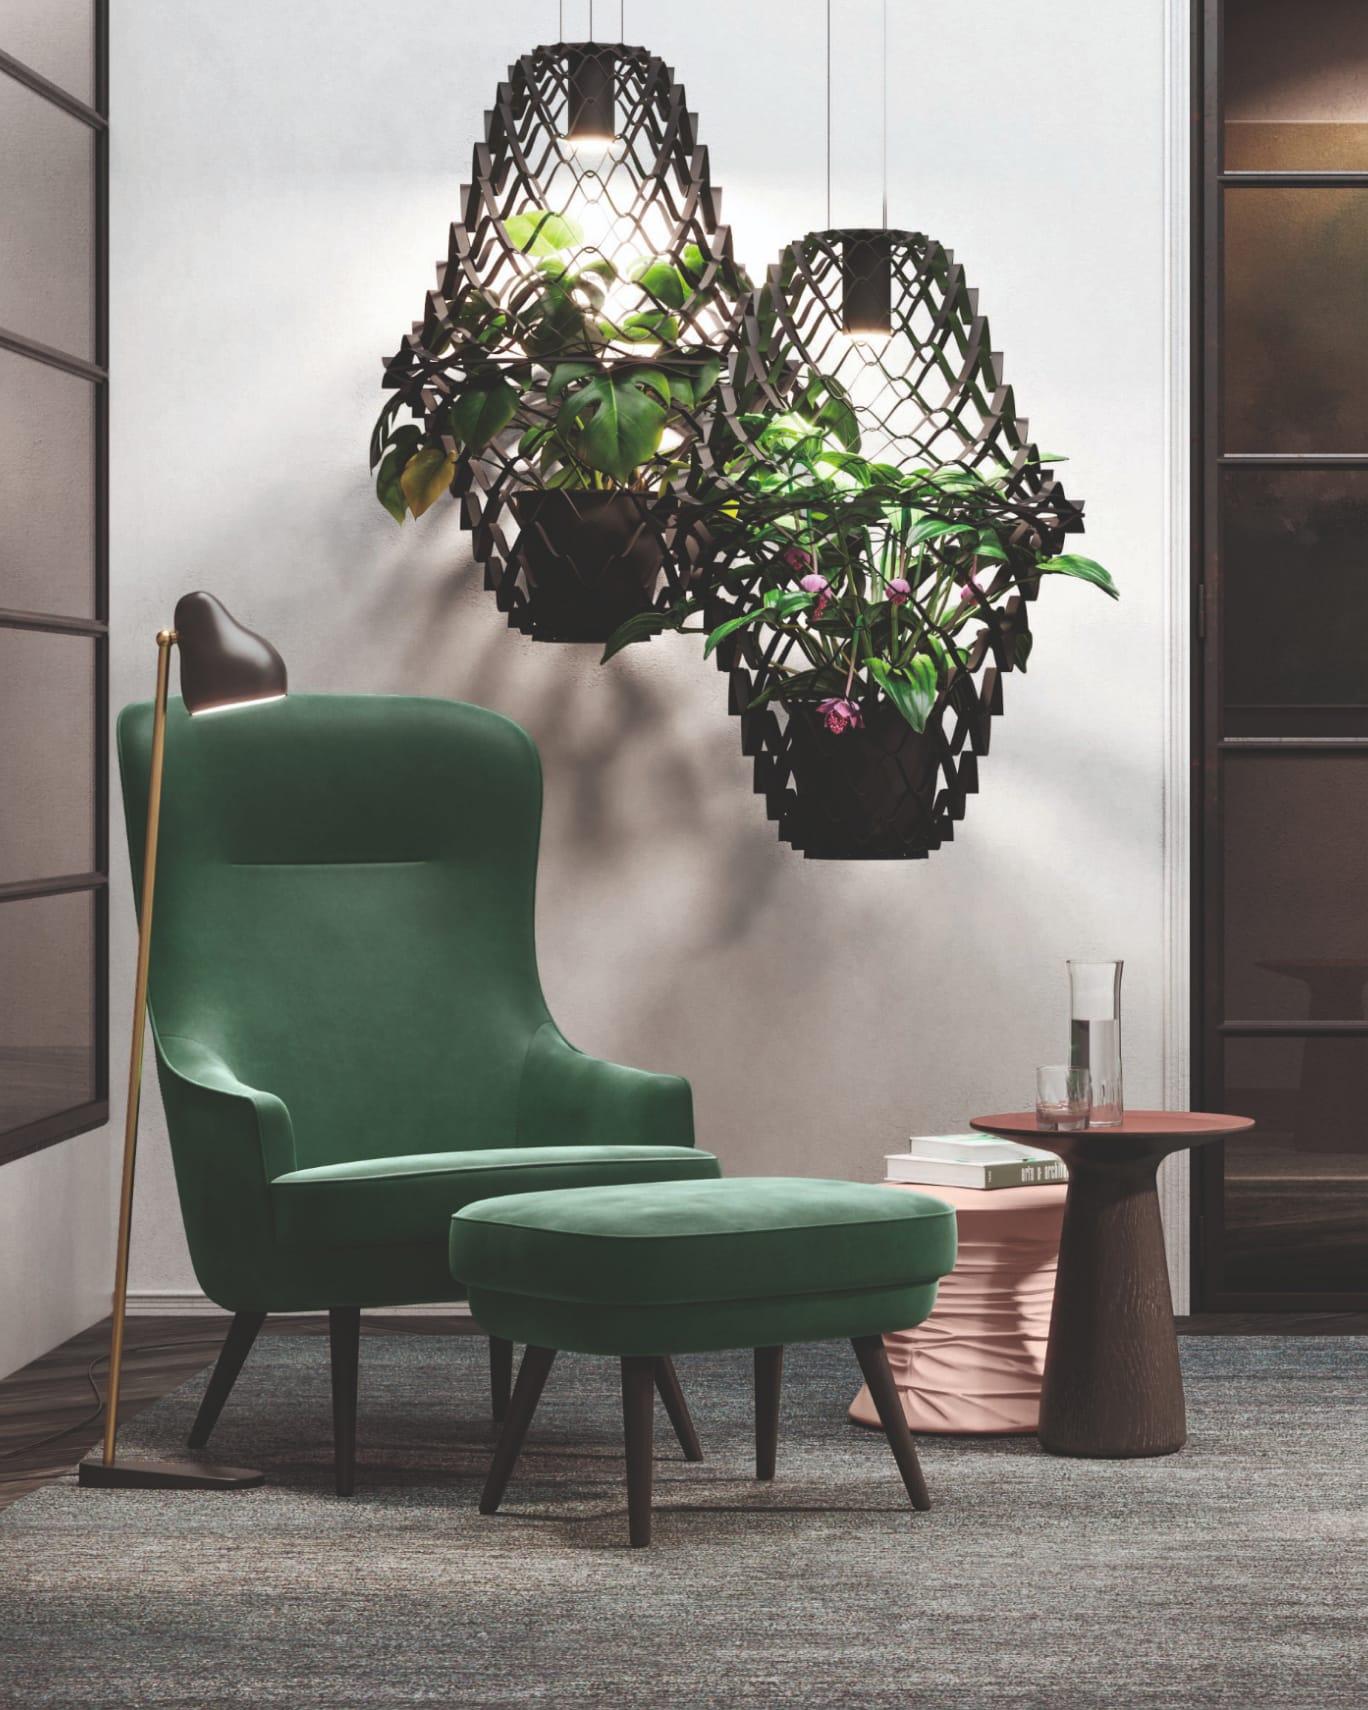 375 Relaxchair. Design: WalterKnoll Team.